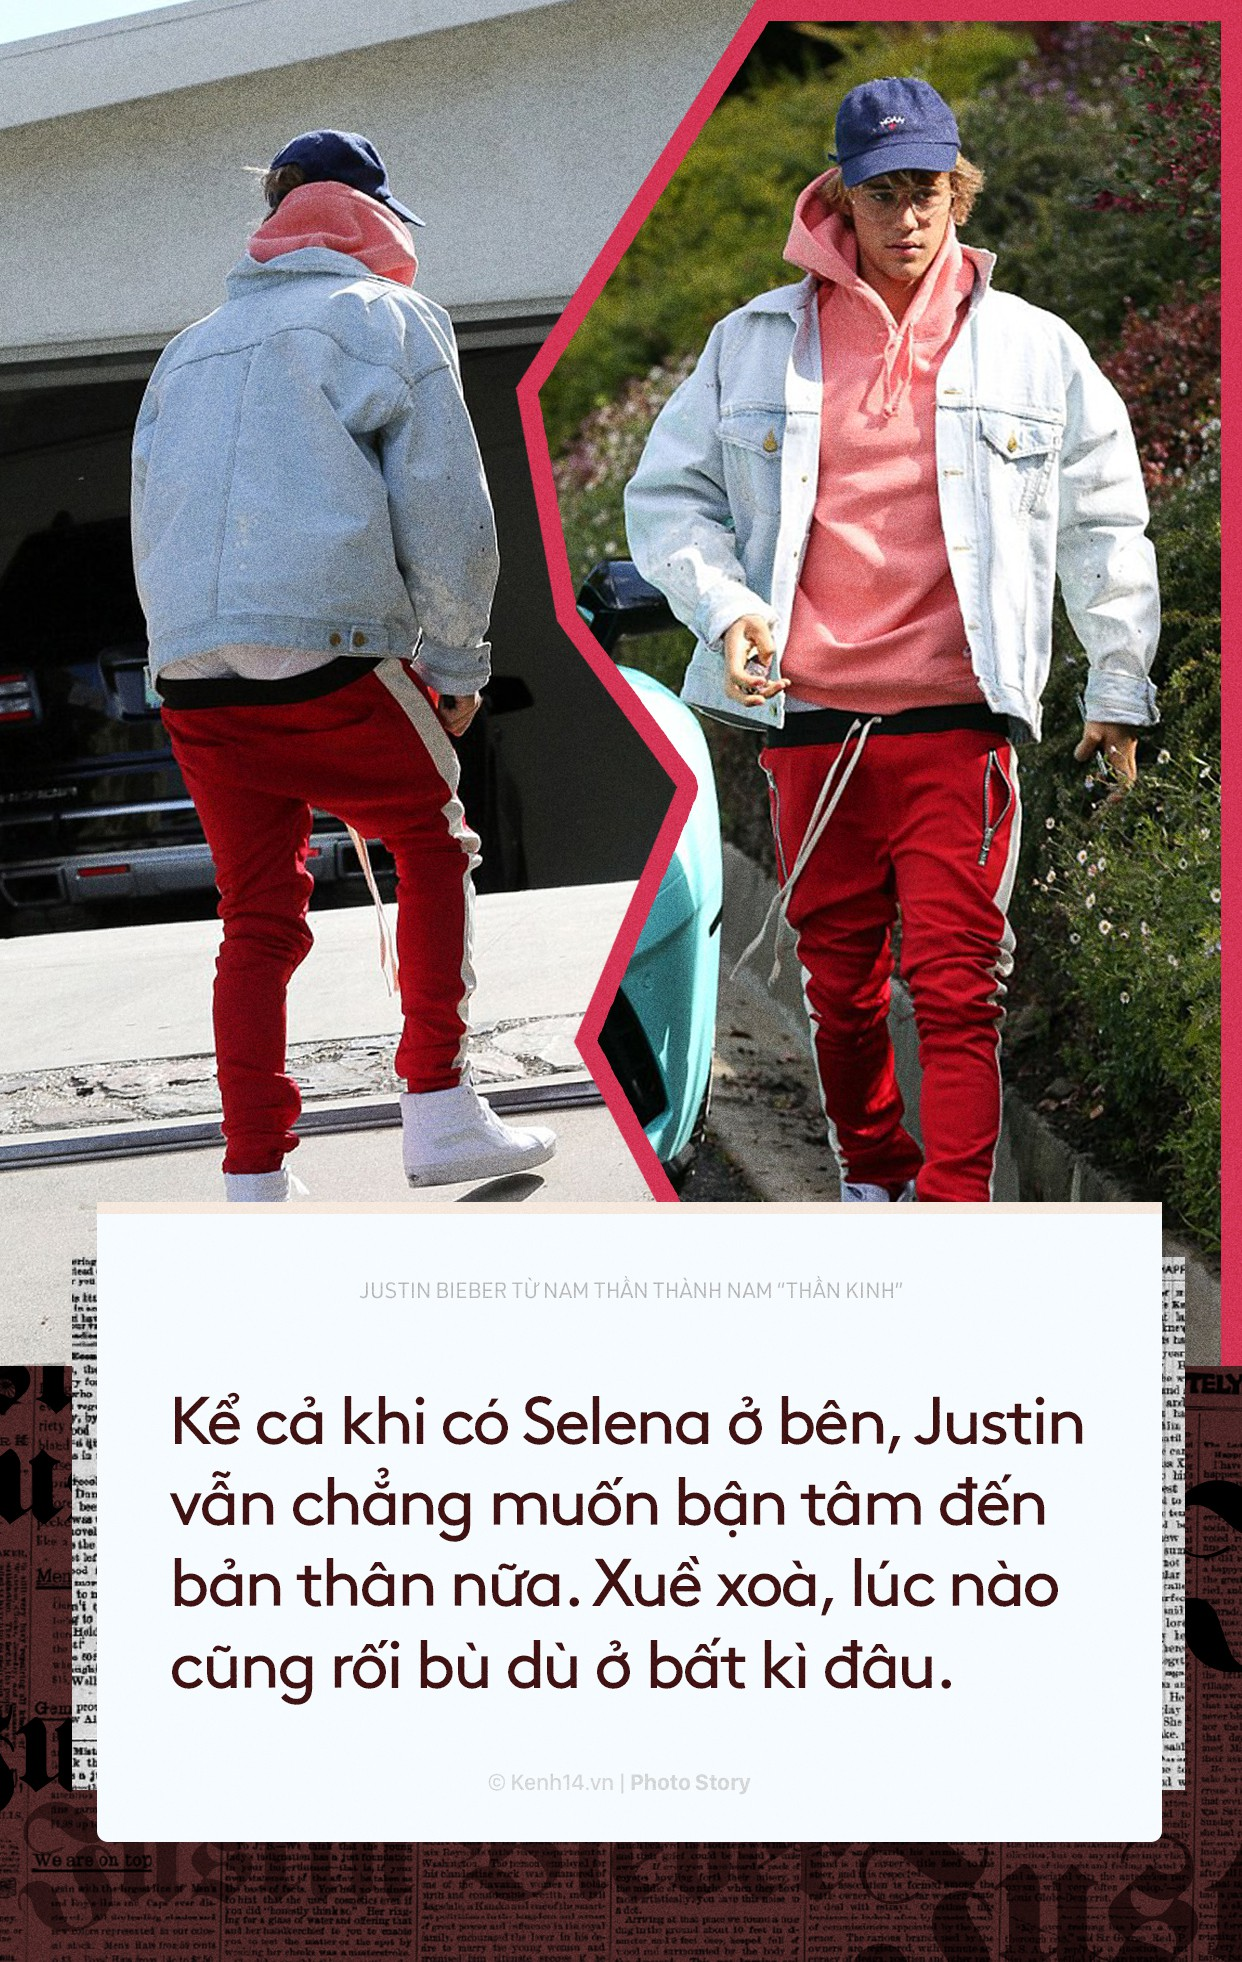 Nếu có ước muốn cho cuộc đời này, hãy nhớ ước muốn cho Justin Bieber đẹp trai trở lại - Ảnh 15.